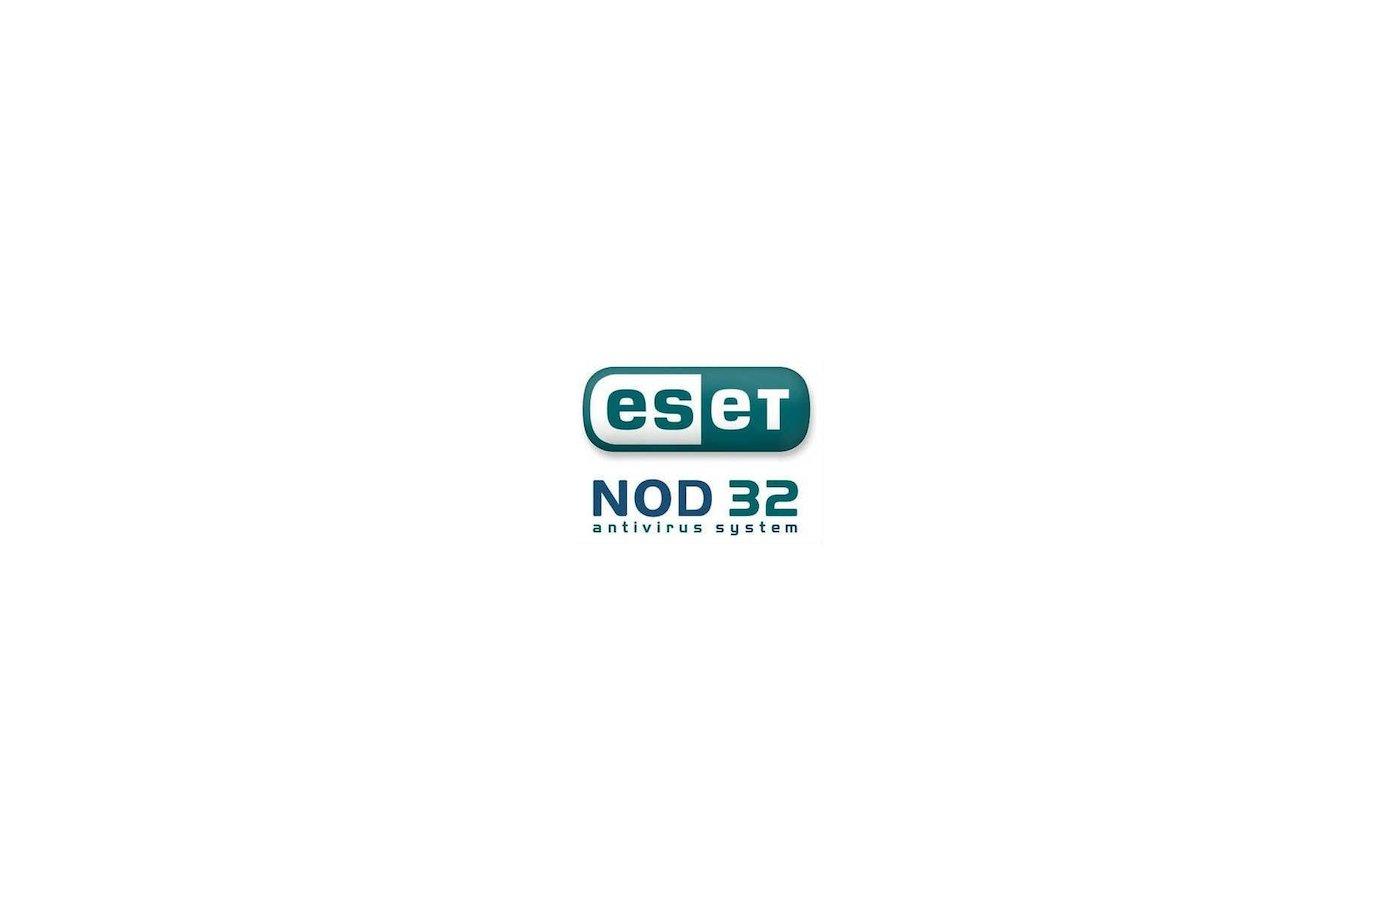 Компьютерное ПО Eset NOD32 Антивирус - прод 20 месяцев или новая 1 год/3ПК (NOD32-ENA-2012RN(CARD)-1-1)